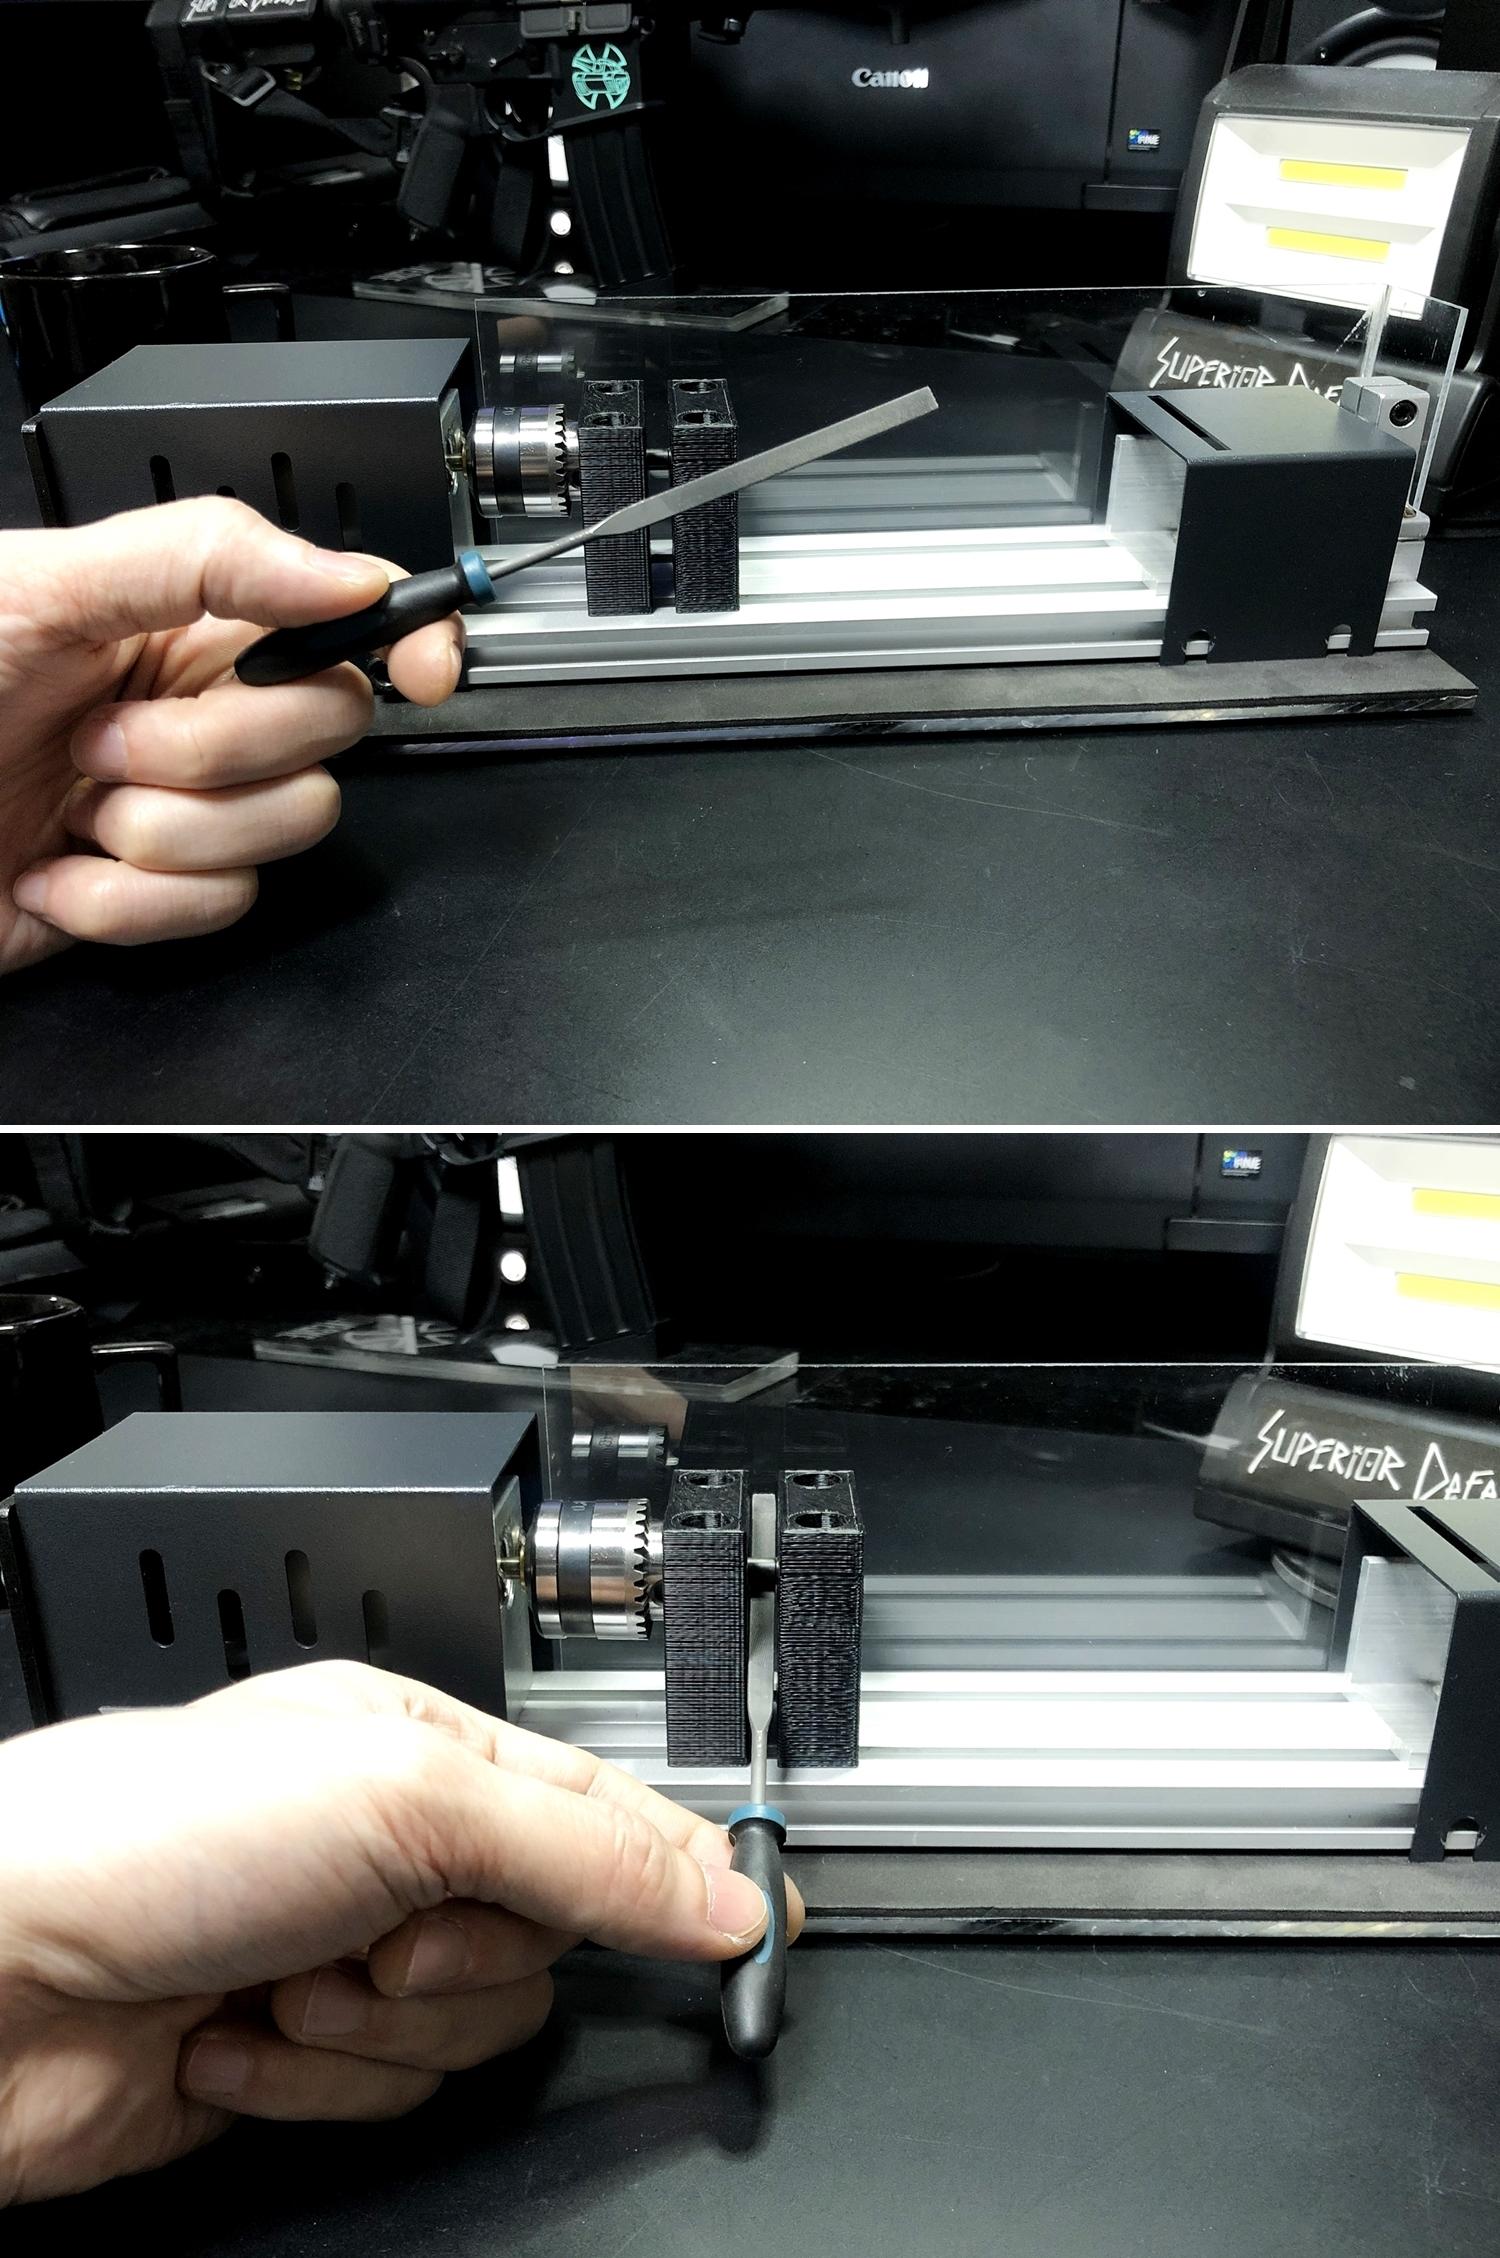 11 実物 NOVESKE AR-15 TAKEDOWN & PIVOT STEEL PIN!! 実物ピンを次世代M4へ対応させるべく簡易的DIY加工だ!ノベスケ ノベスキー スチール テイクダウン ピポッドピン! DIY 加工 カスタム 簡易的 旋盤加工 取付 レビ